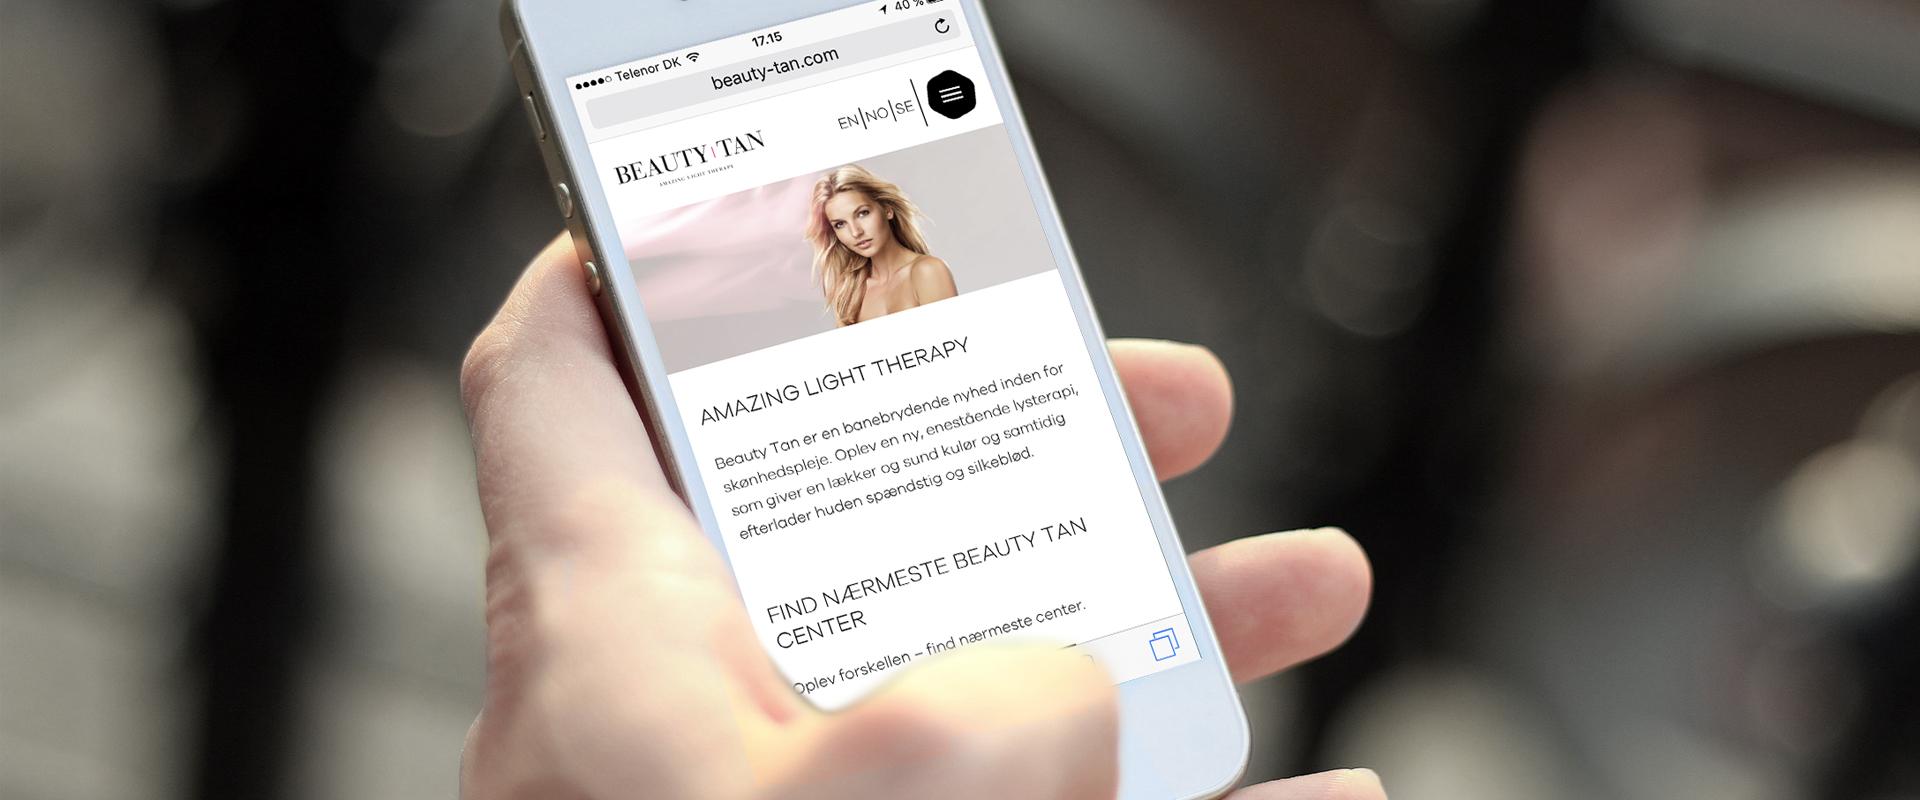 BeautyTan-branding-design-02